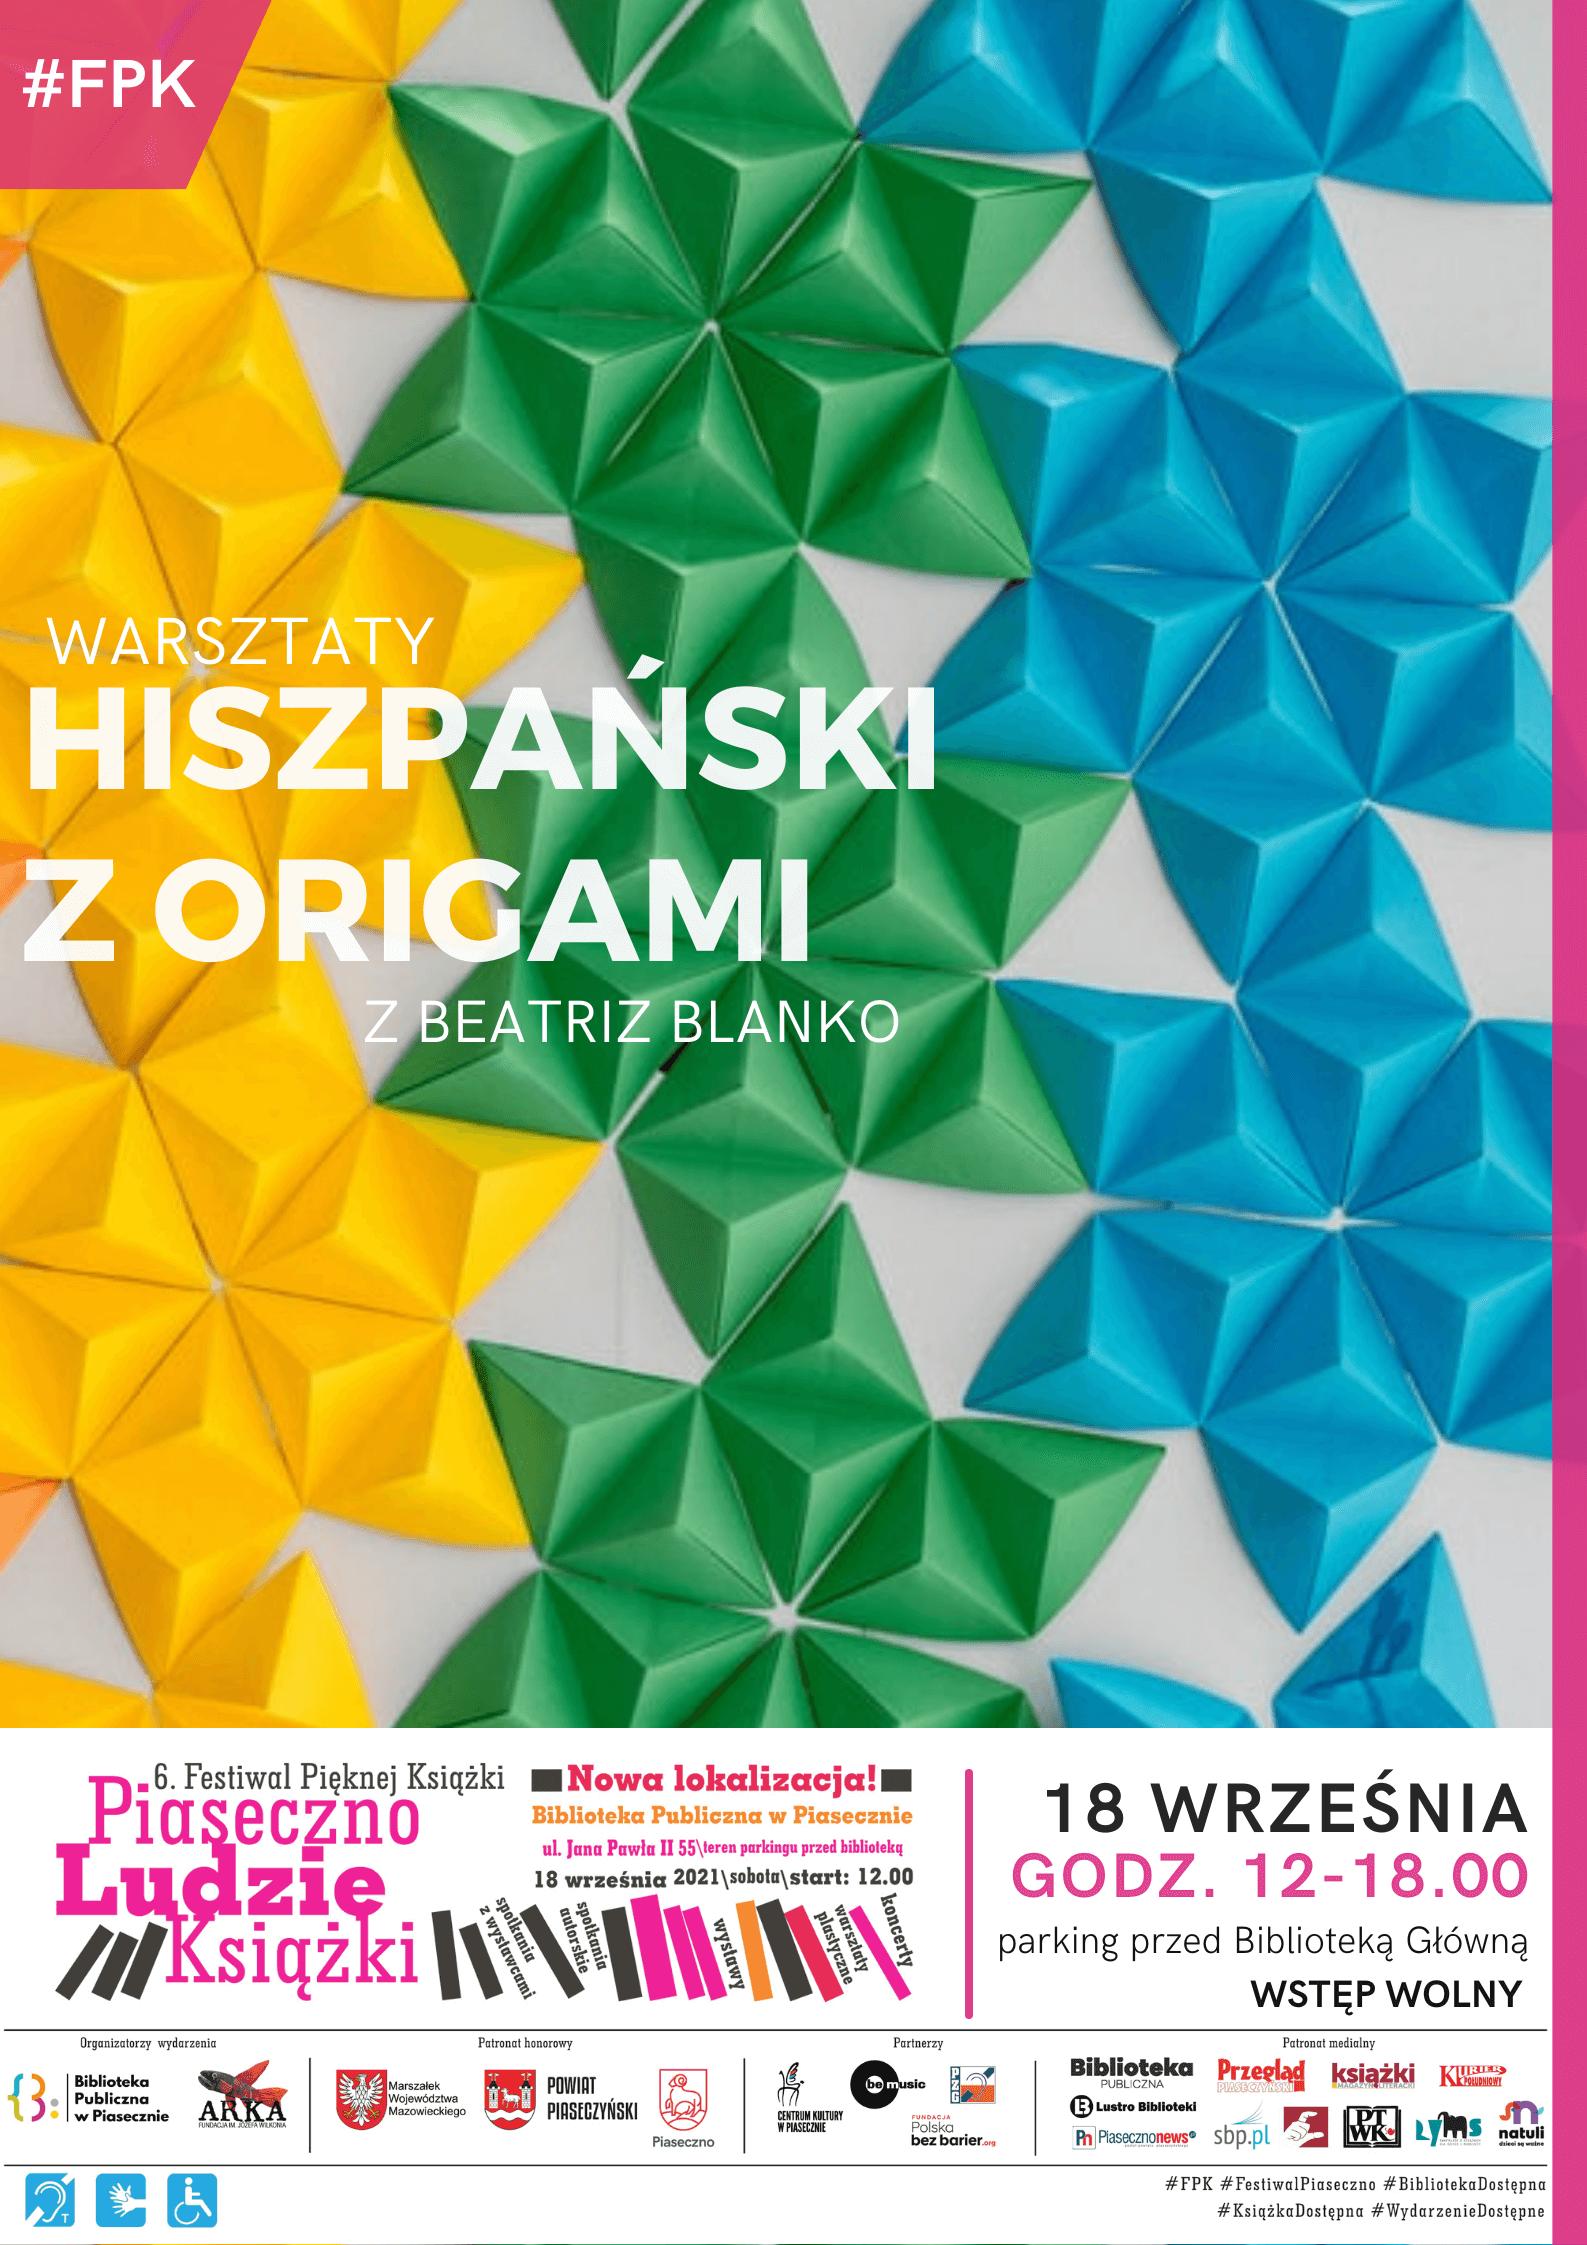 Plakat promujący warsztaty origami w ramach Festiwalu Pięknej Książki.